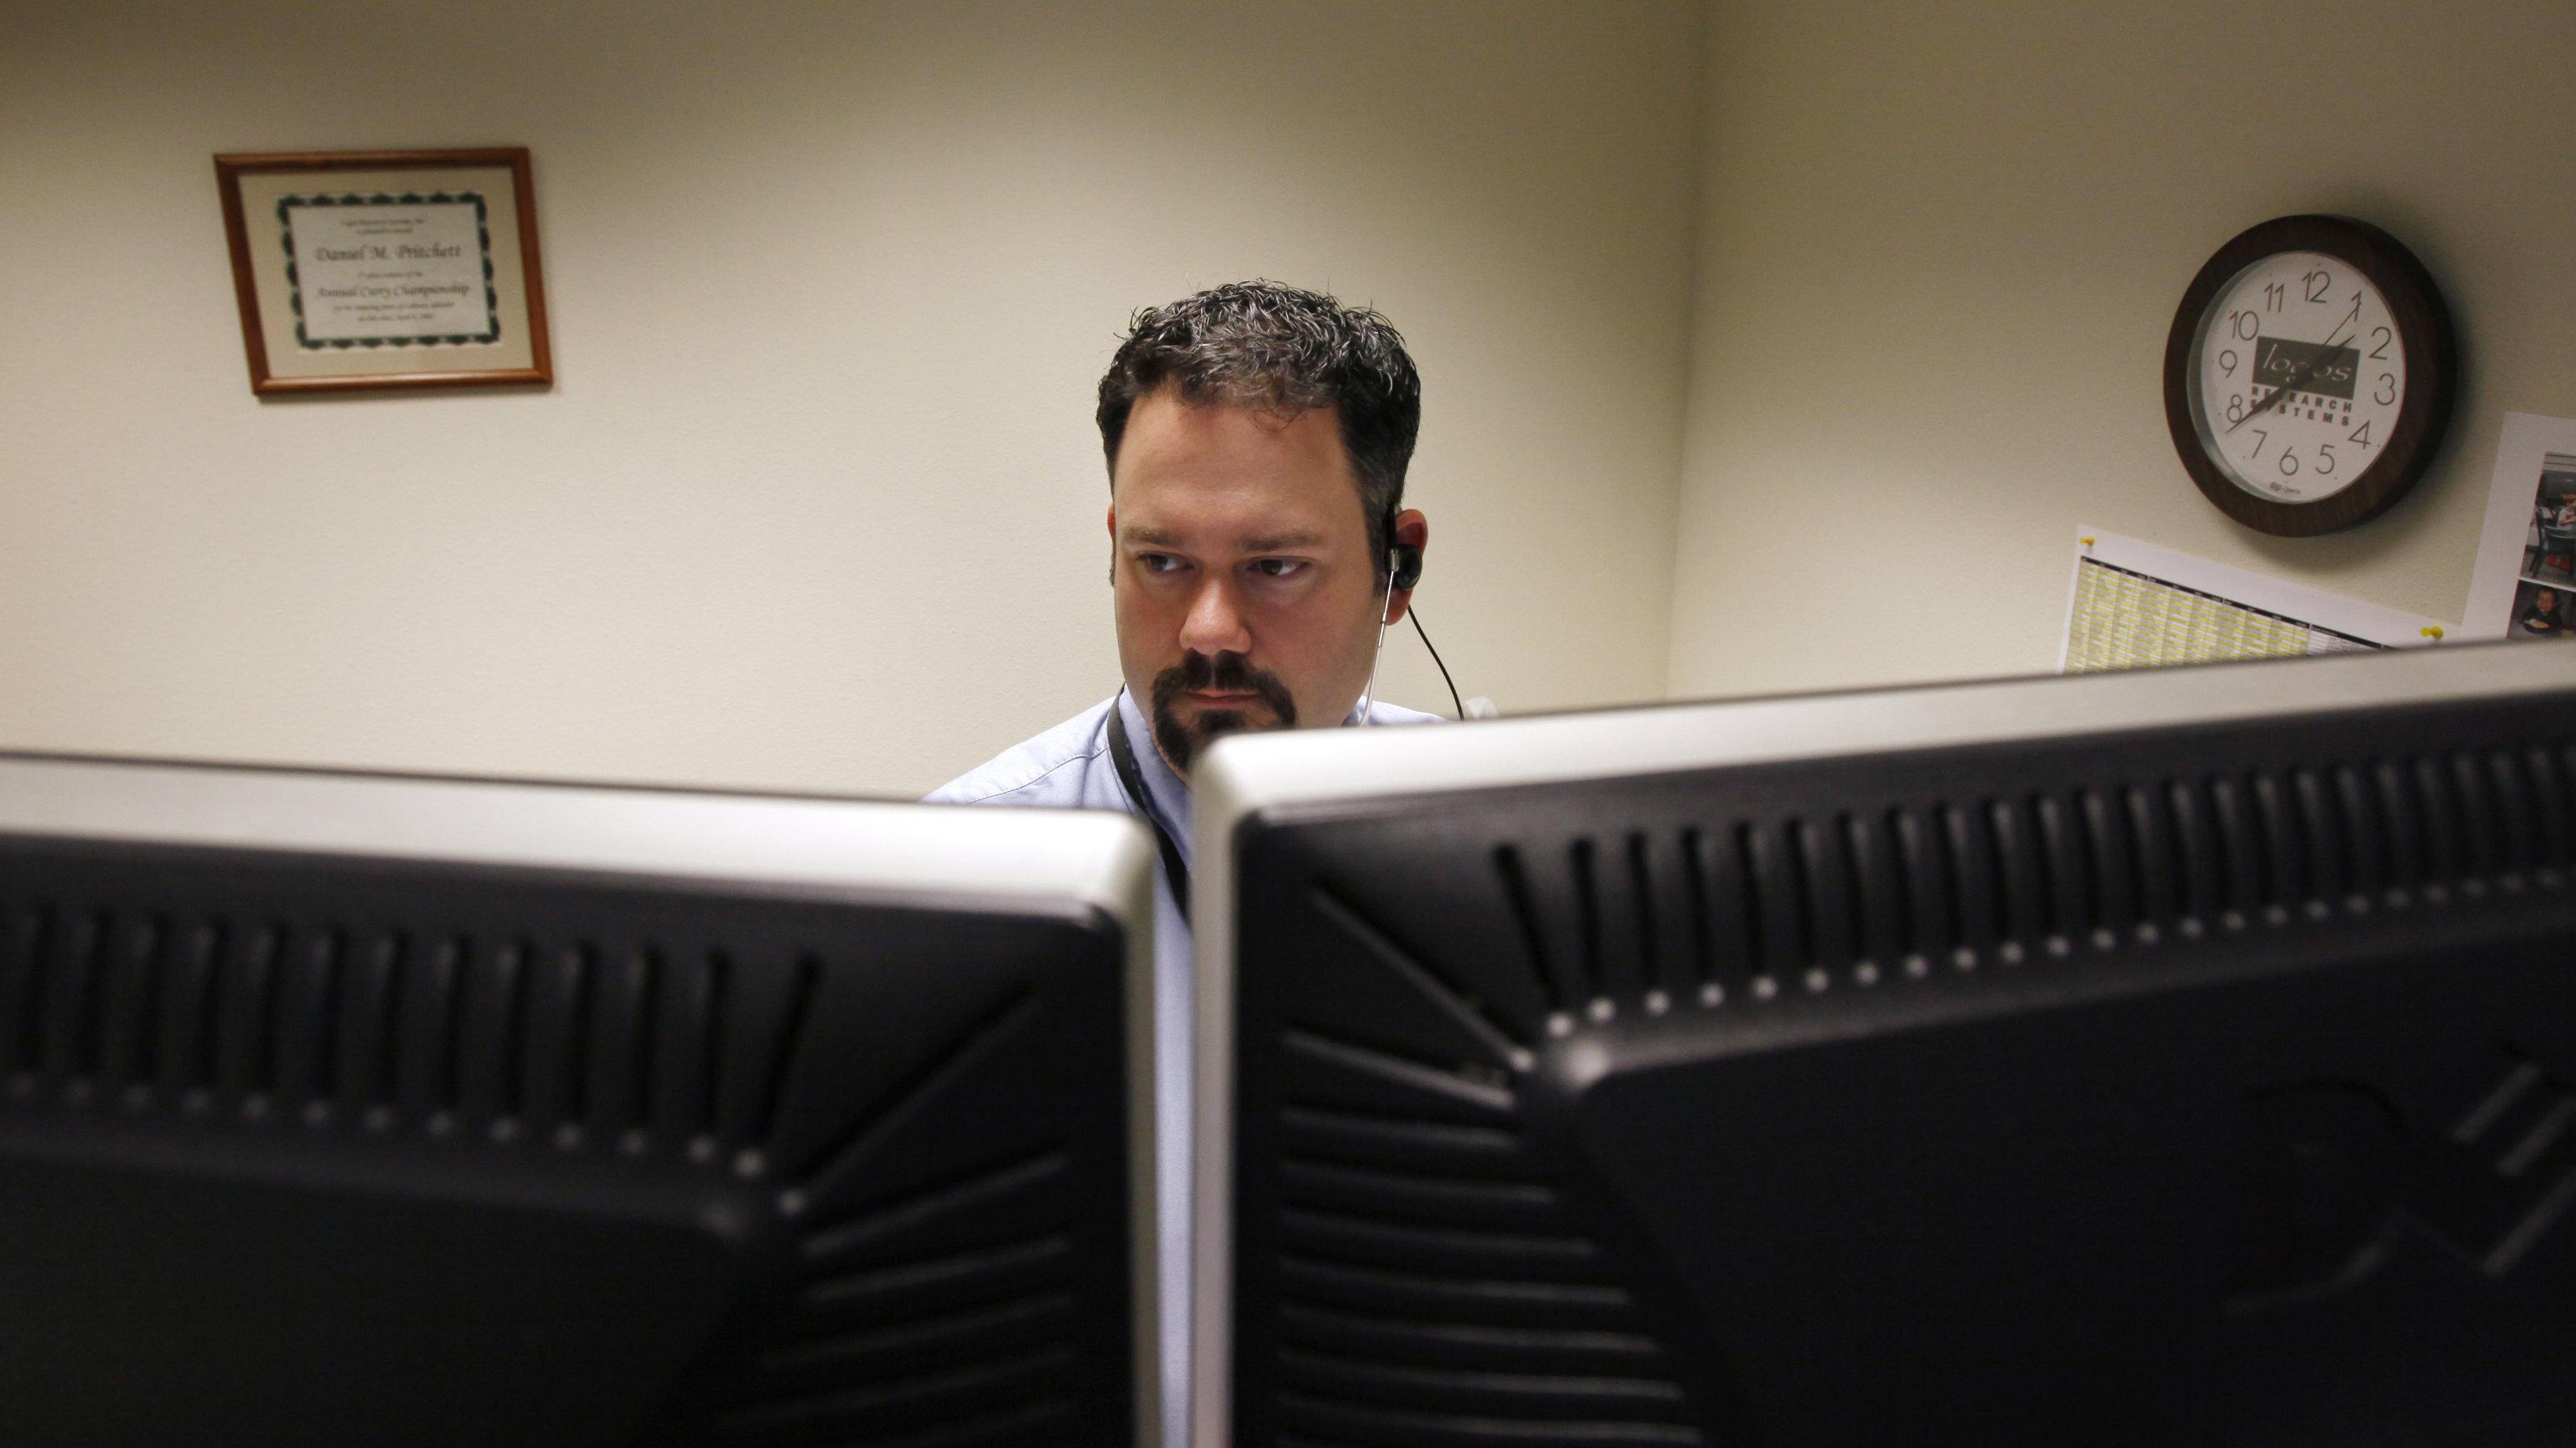 man behind monitors